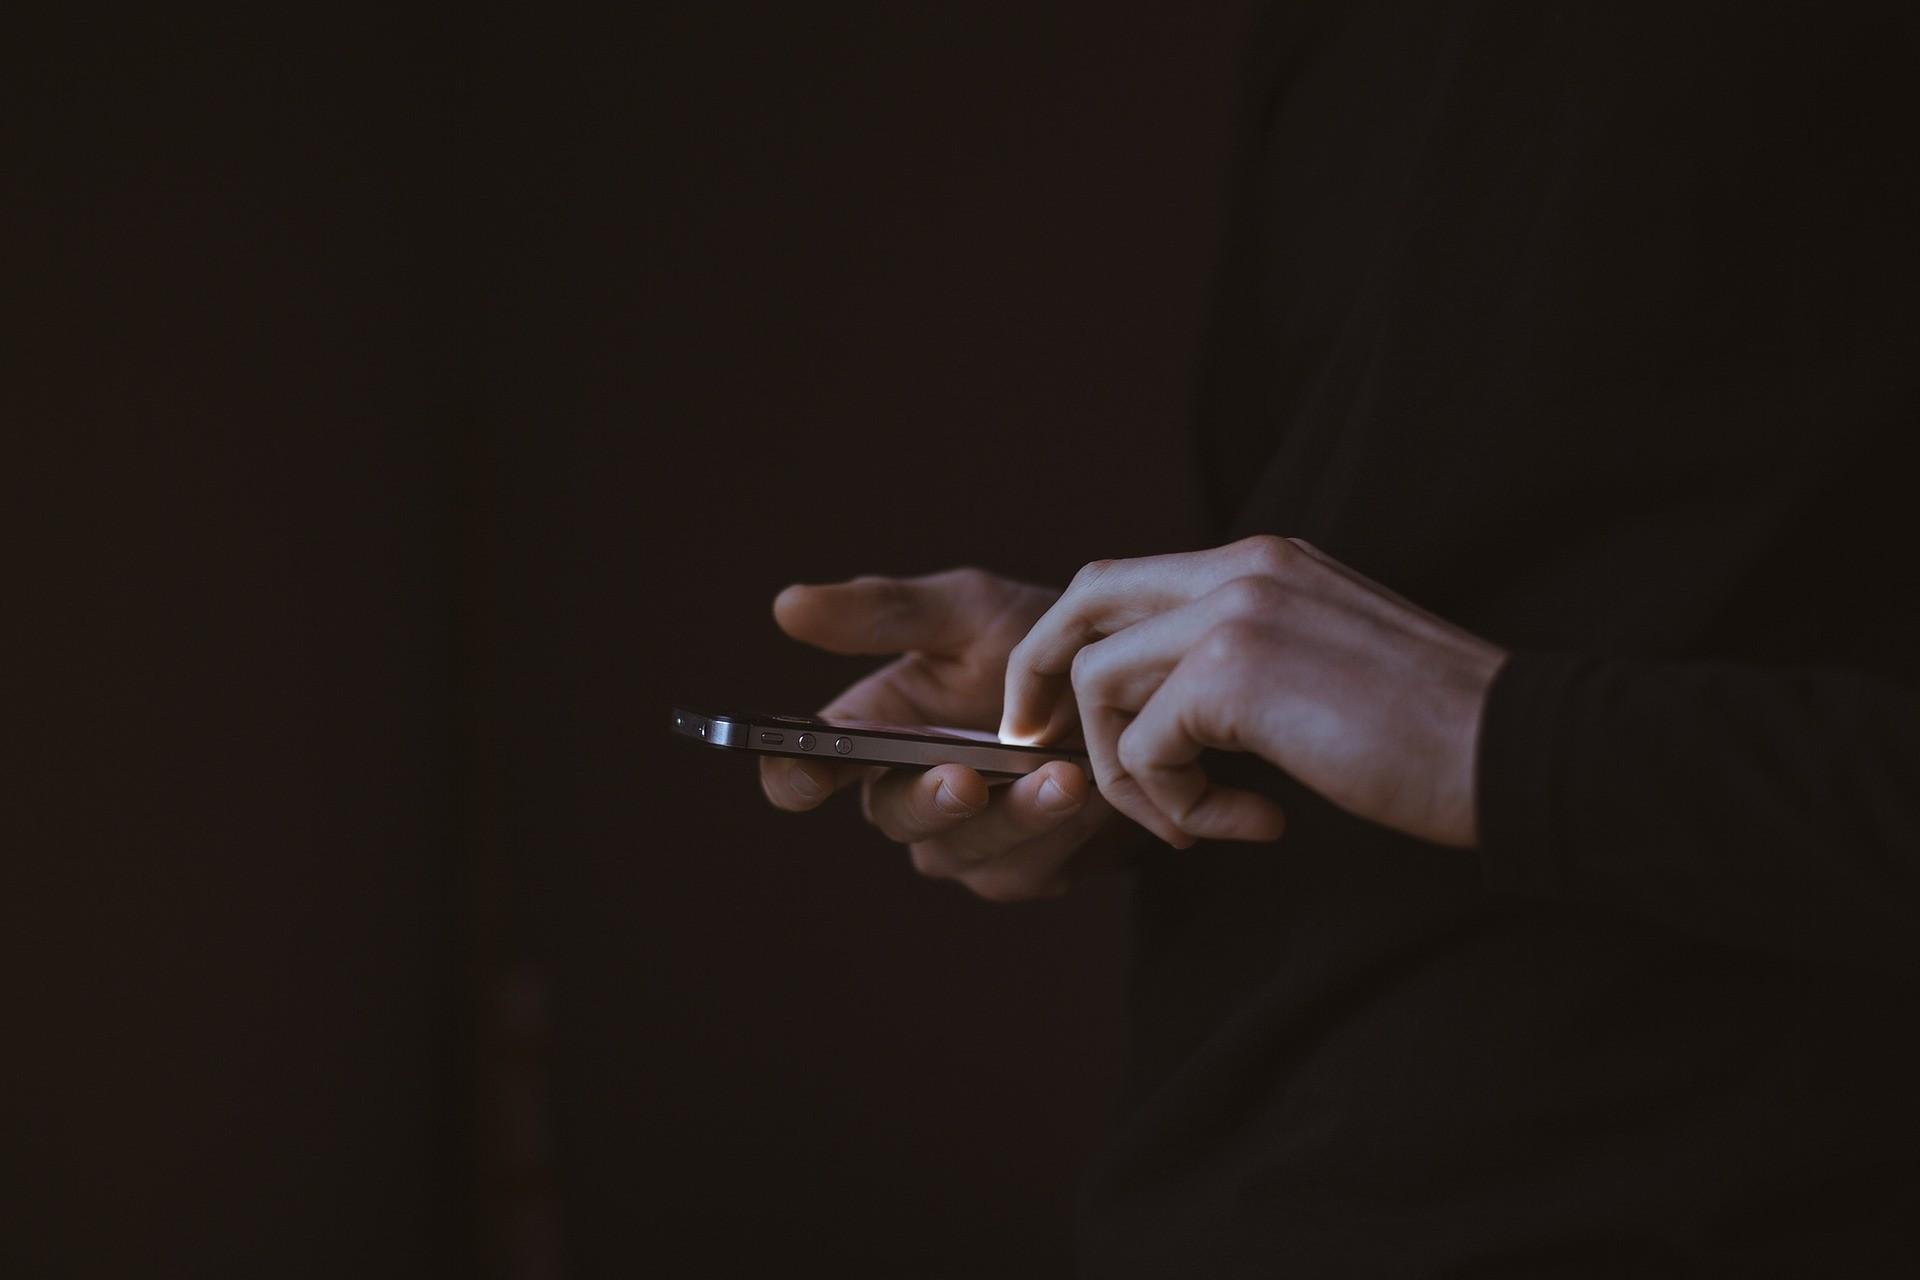 Estudo nos EUA aponta riscos em 'reciclagem' de números de celular cadastrados em serviços e redes sociais